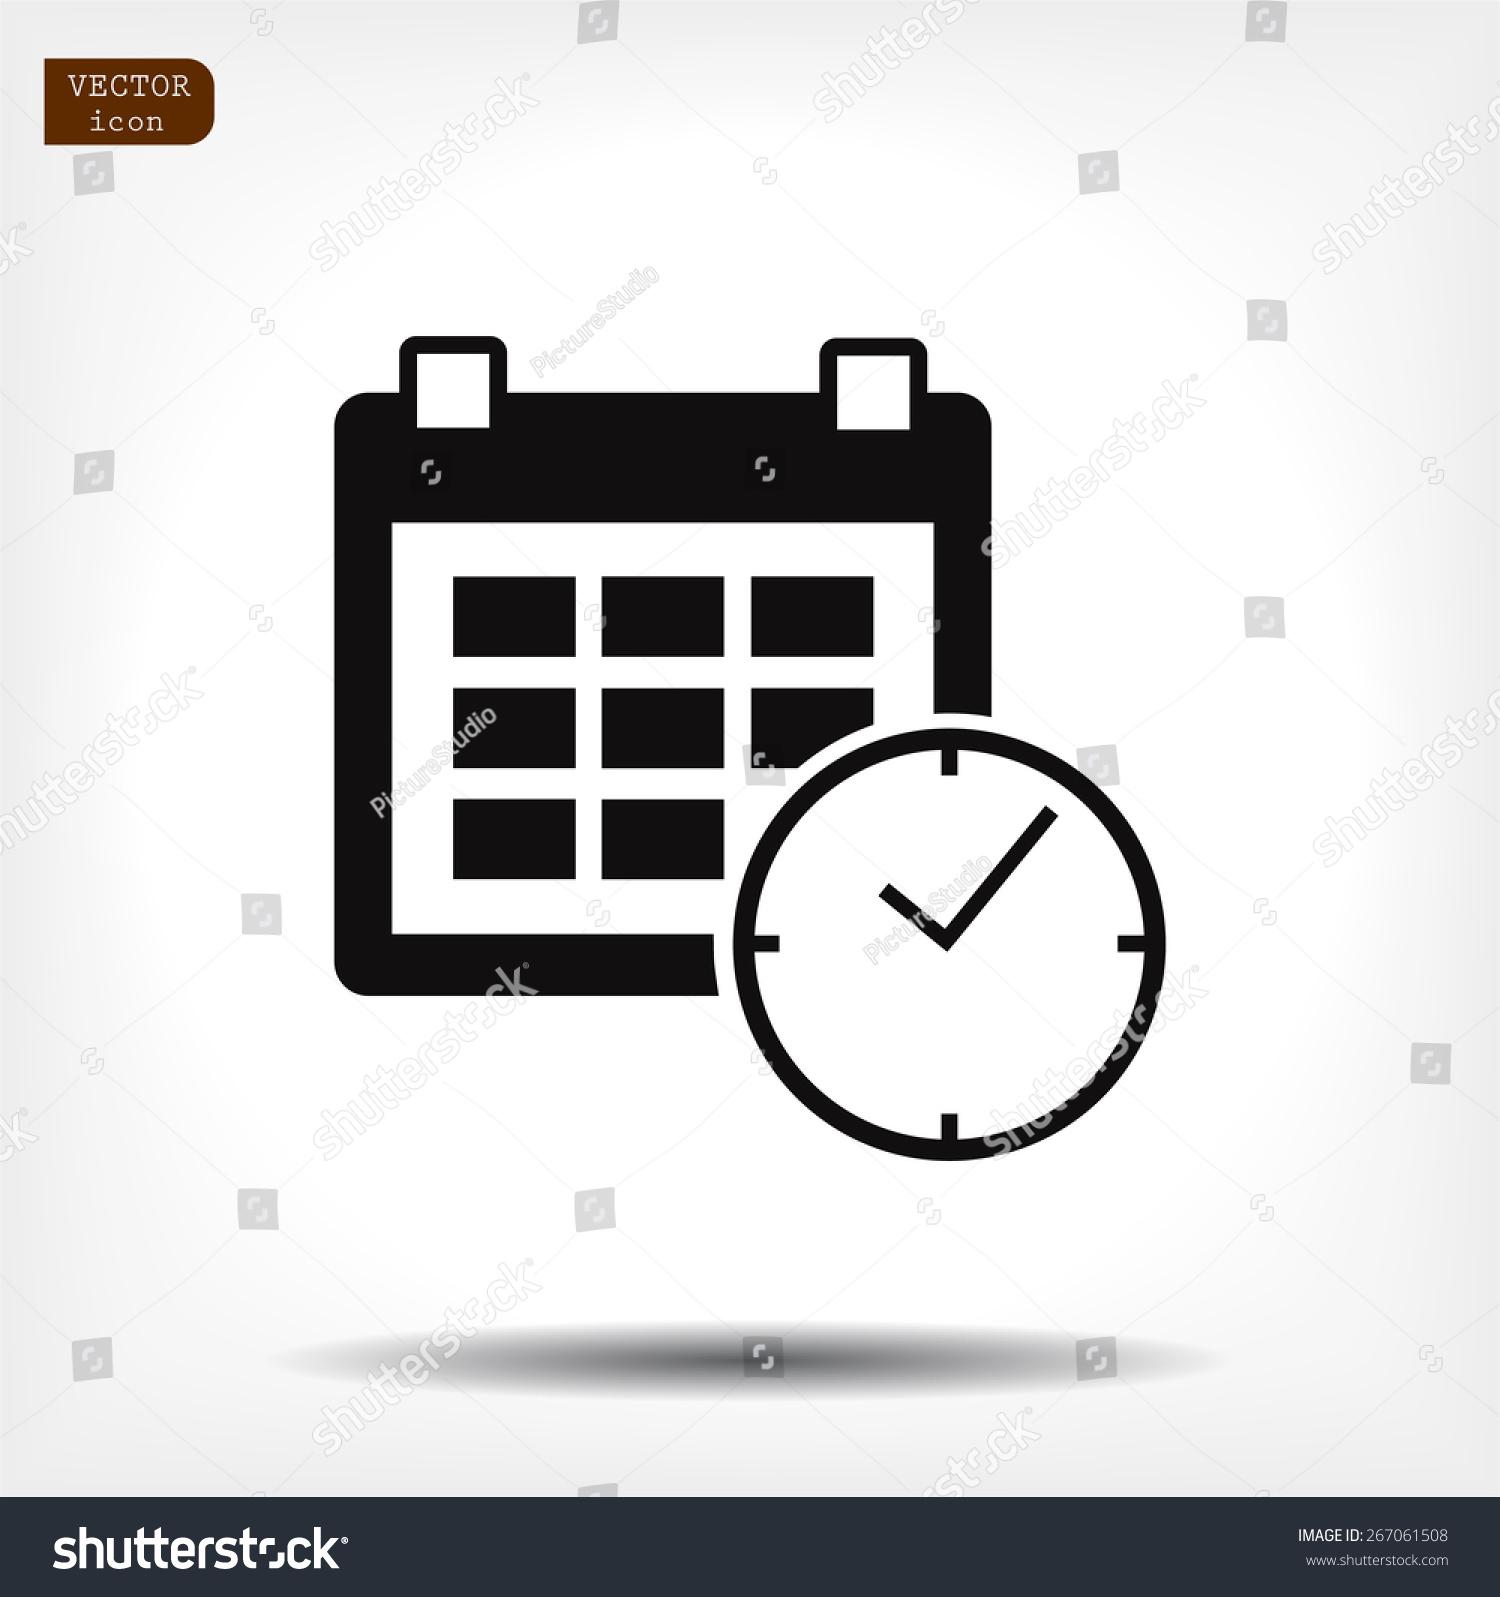 Calendar Clock Icon Vector Eps 10 Stock Vector 267061508 ...